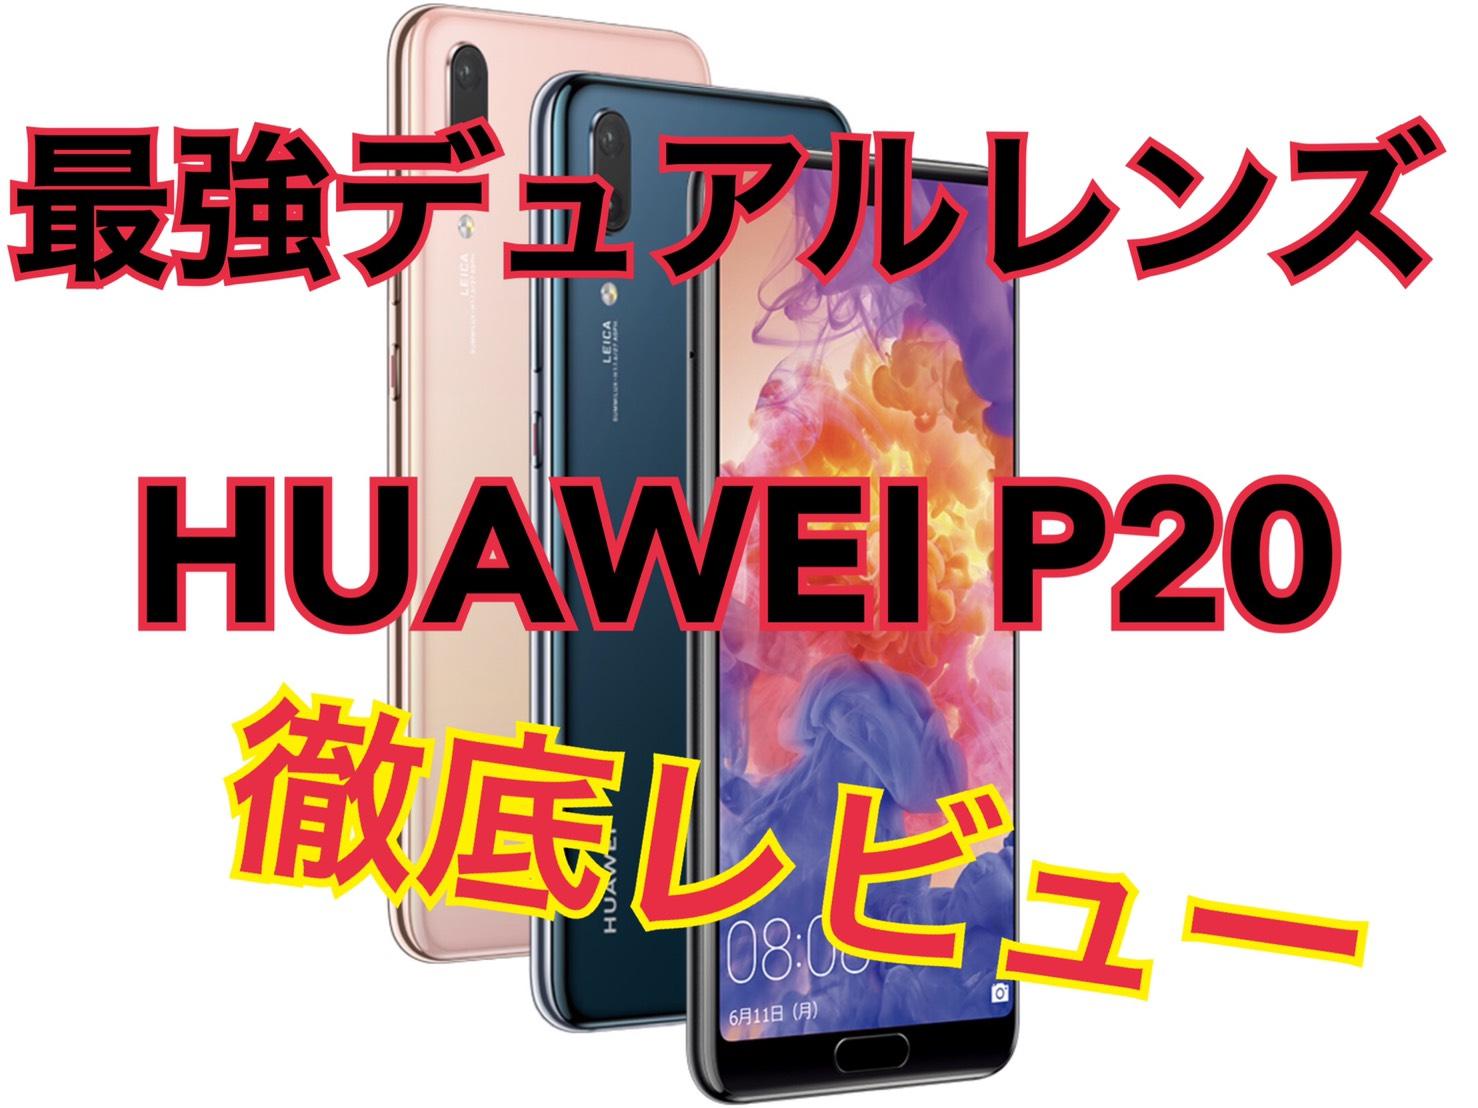 huawei p20 eyecatch